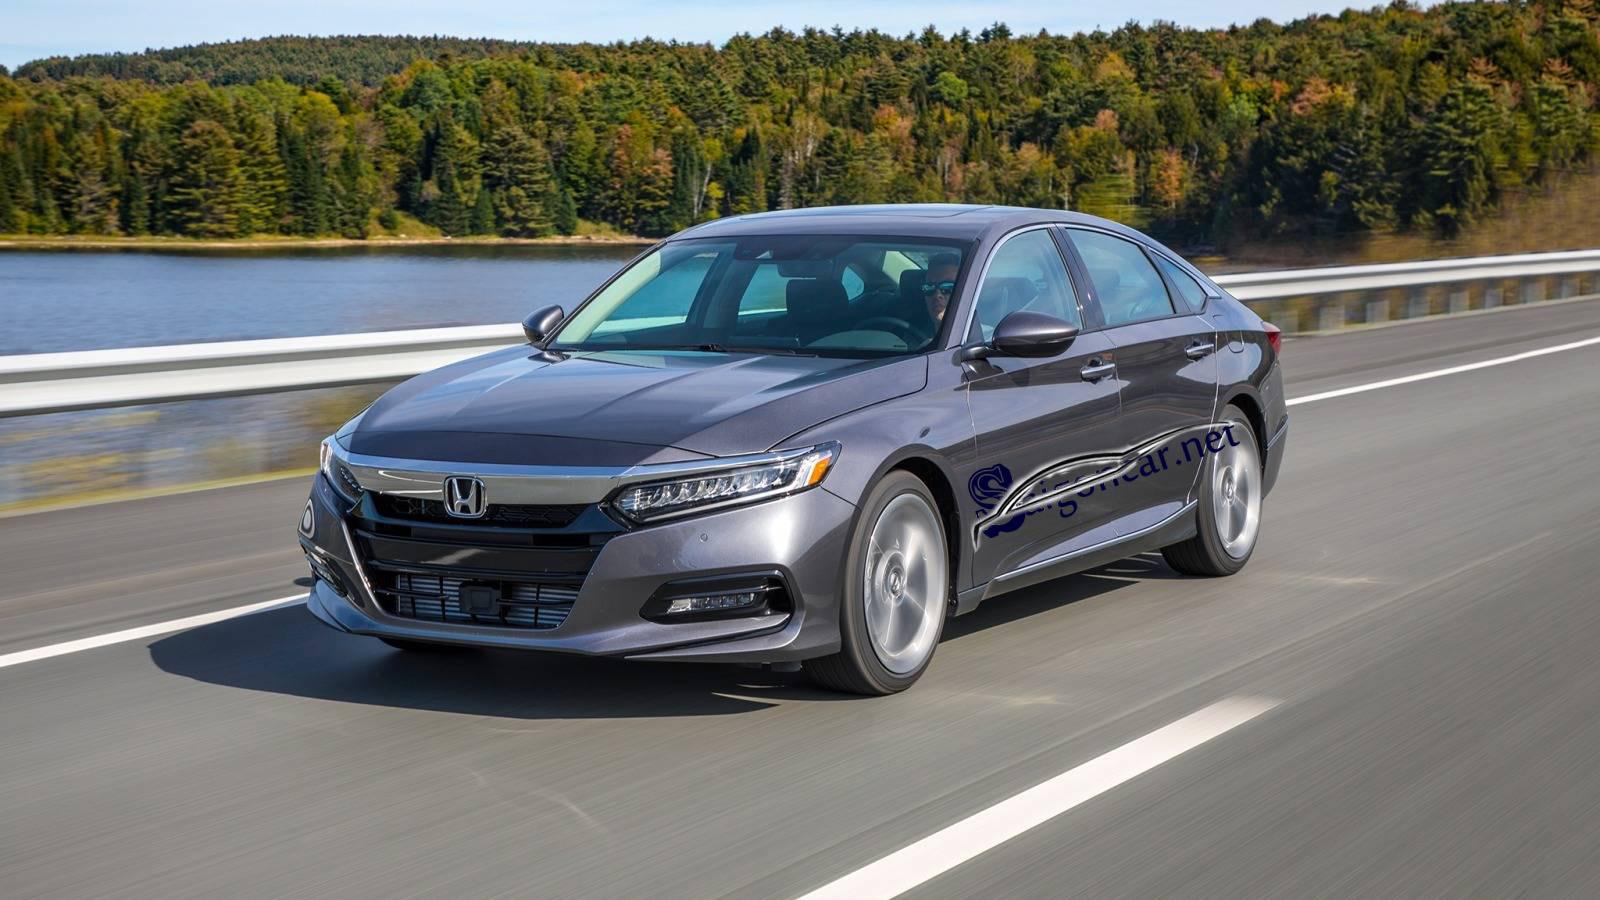 Khả năng vận hành Honda Accord 2019